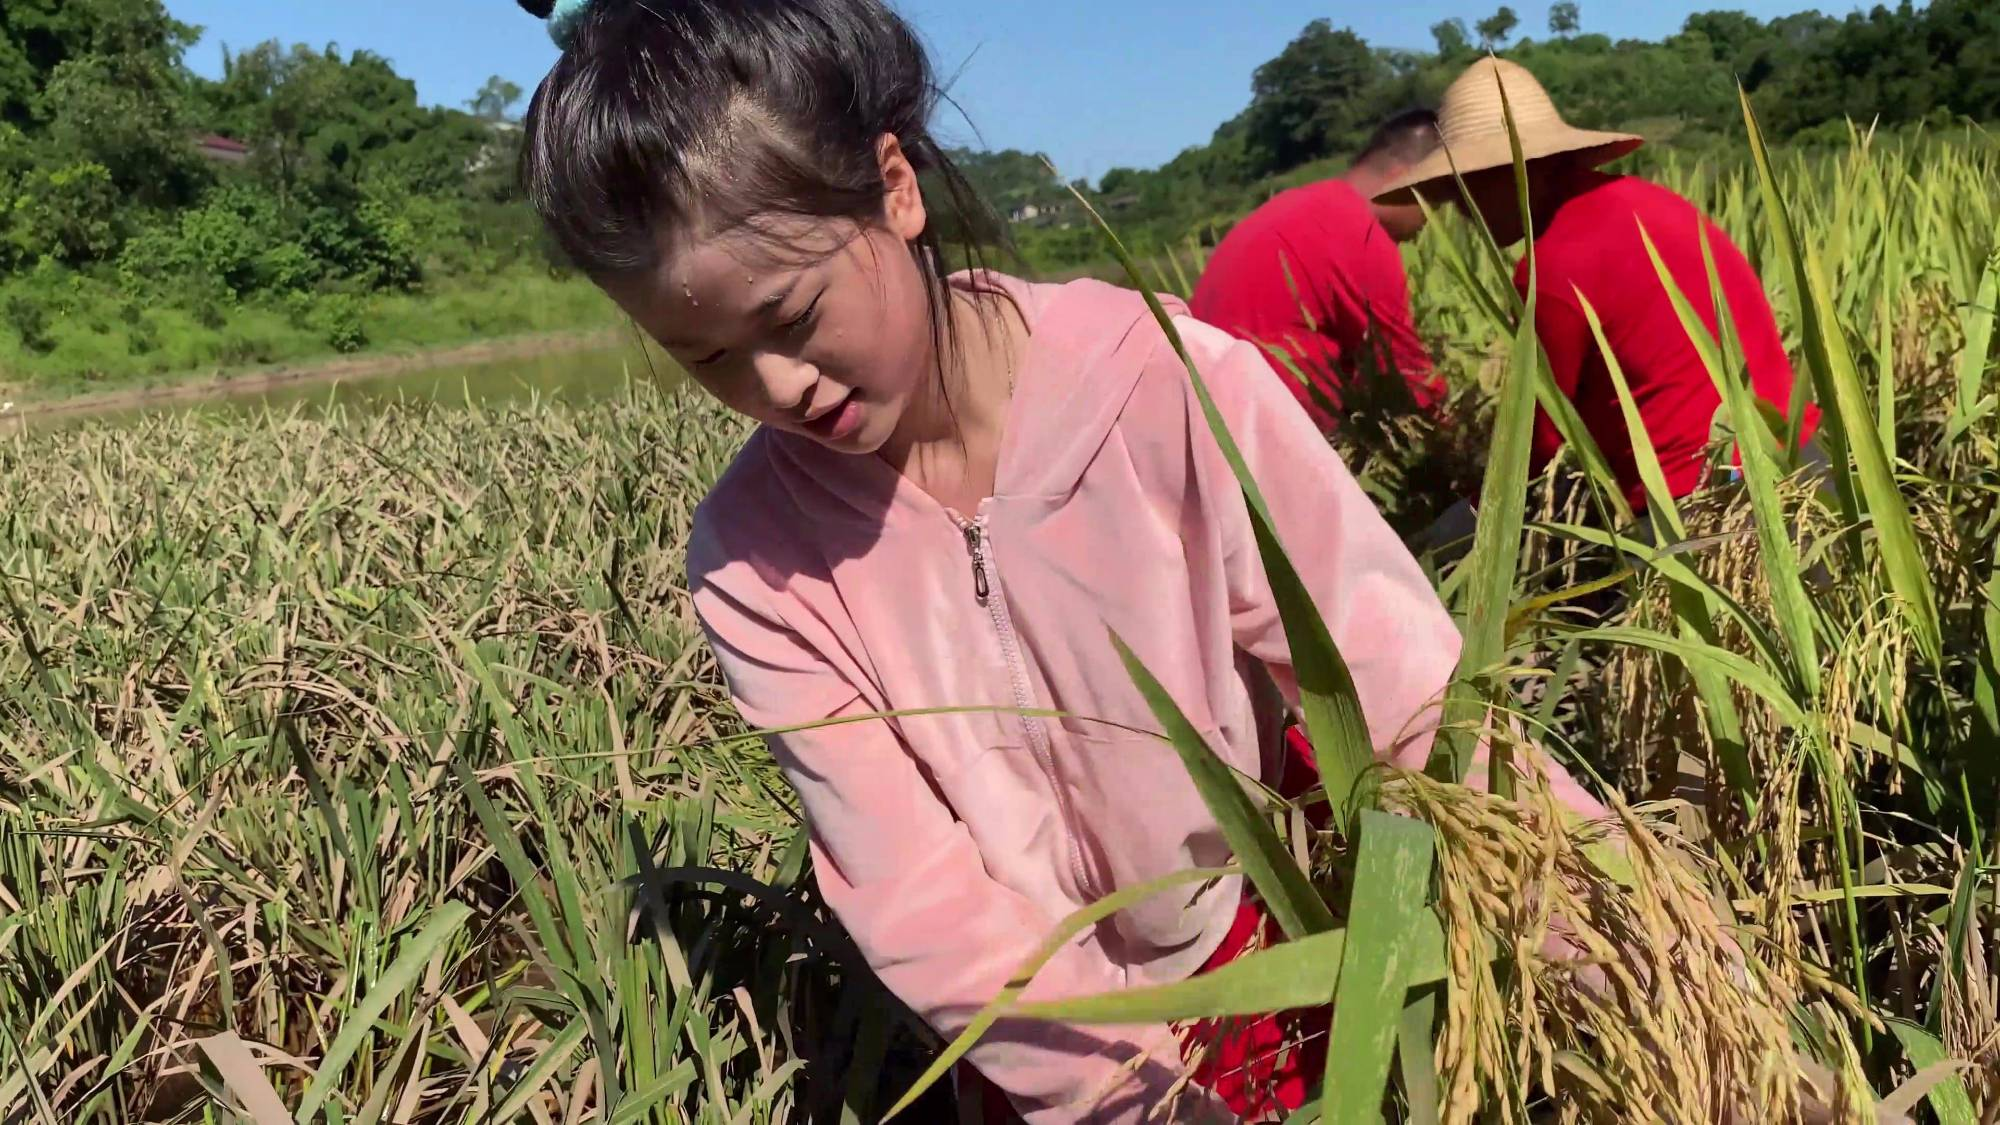 农民的辛苦稻谷知道,米饭的珍贵我们知道,节约粮食从我做起